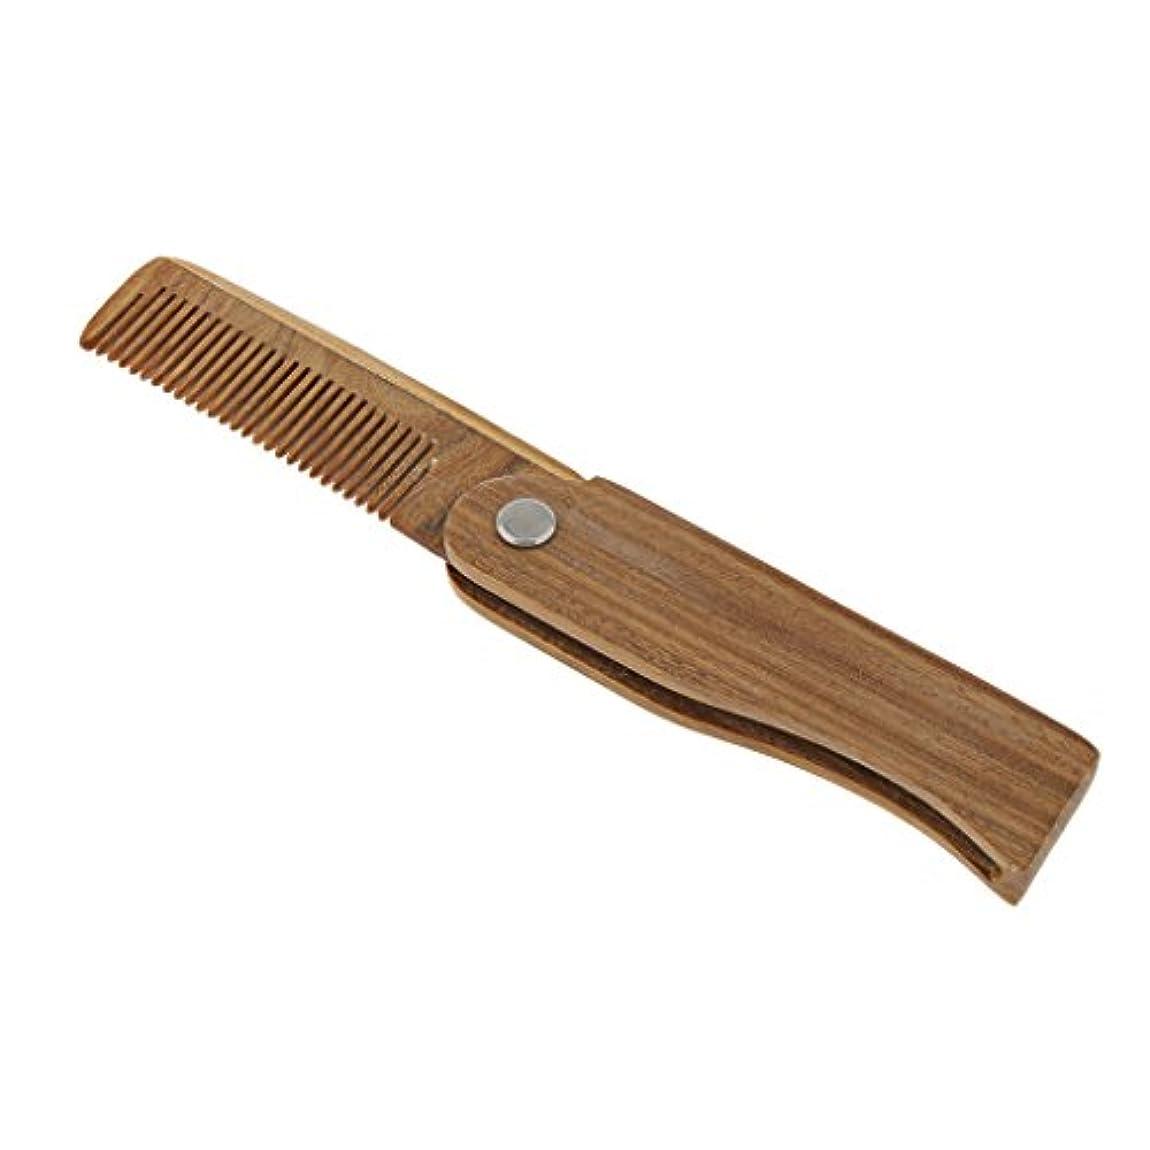 群れ市長流行Fenteer 木製櫛 ヘアブラシ ヘアコーム ポケットサイズ 折り畳み式 ひげ櫛 2タイプ選べる - B